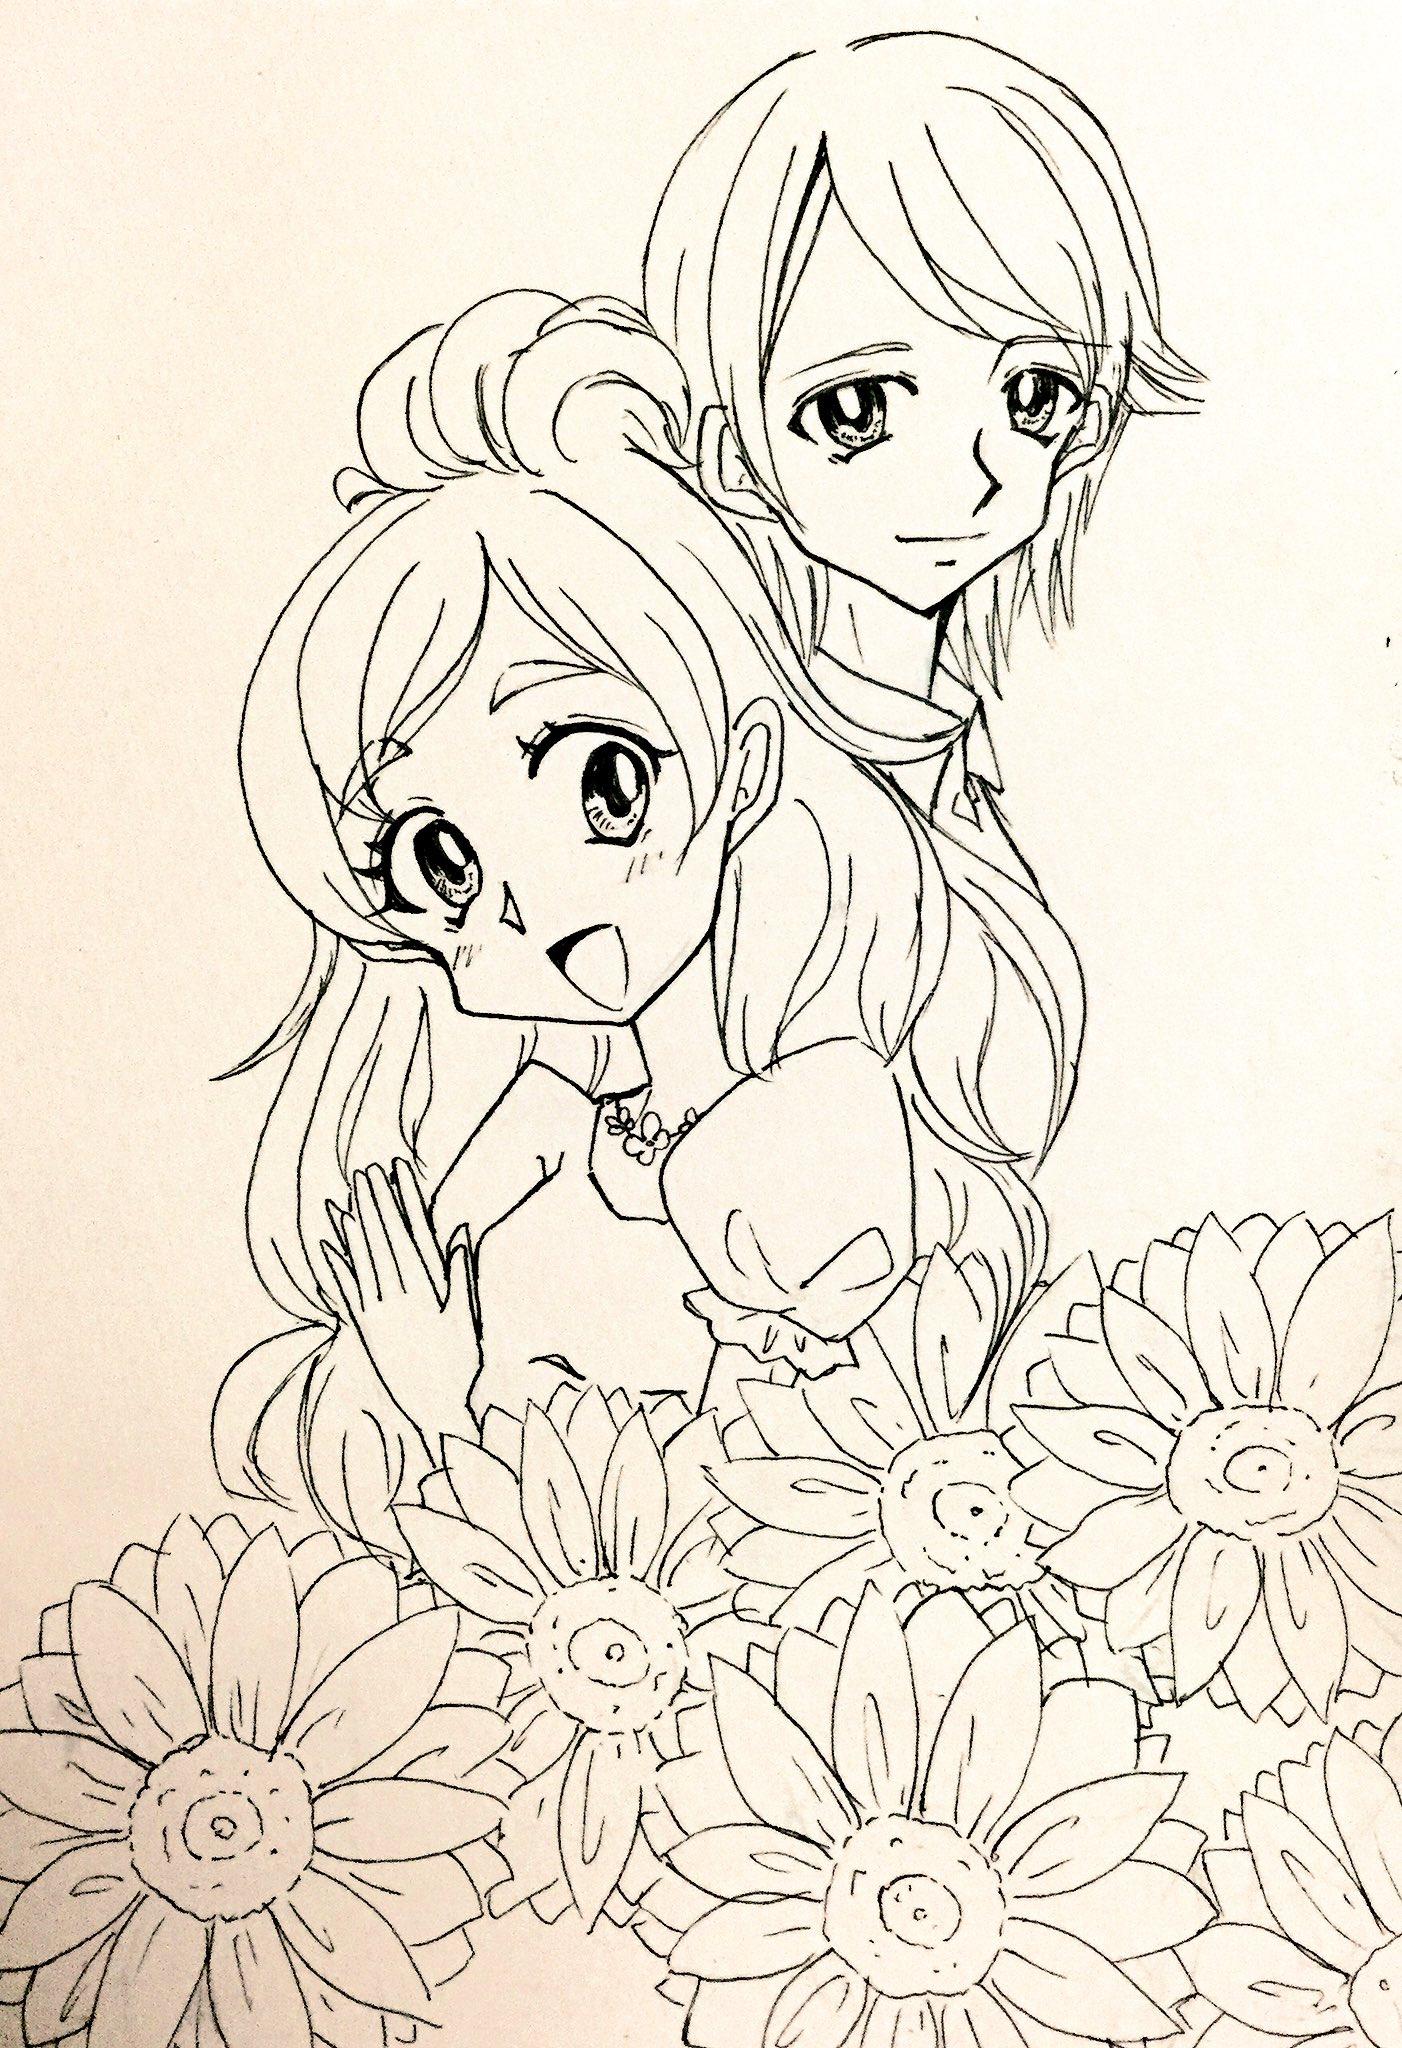 ごんごん@あきらさん愛してる (@gongon_0607)さんのイラスト